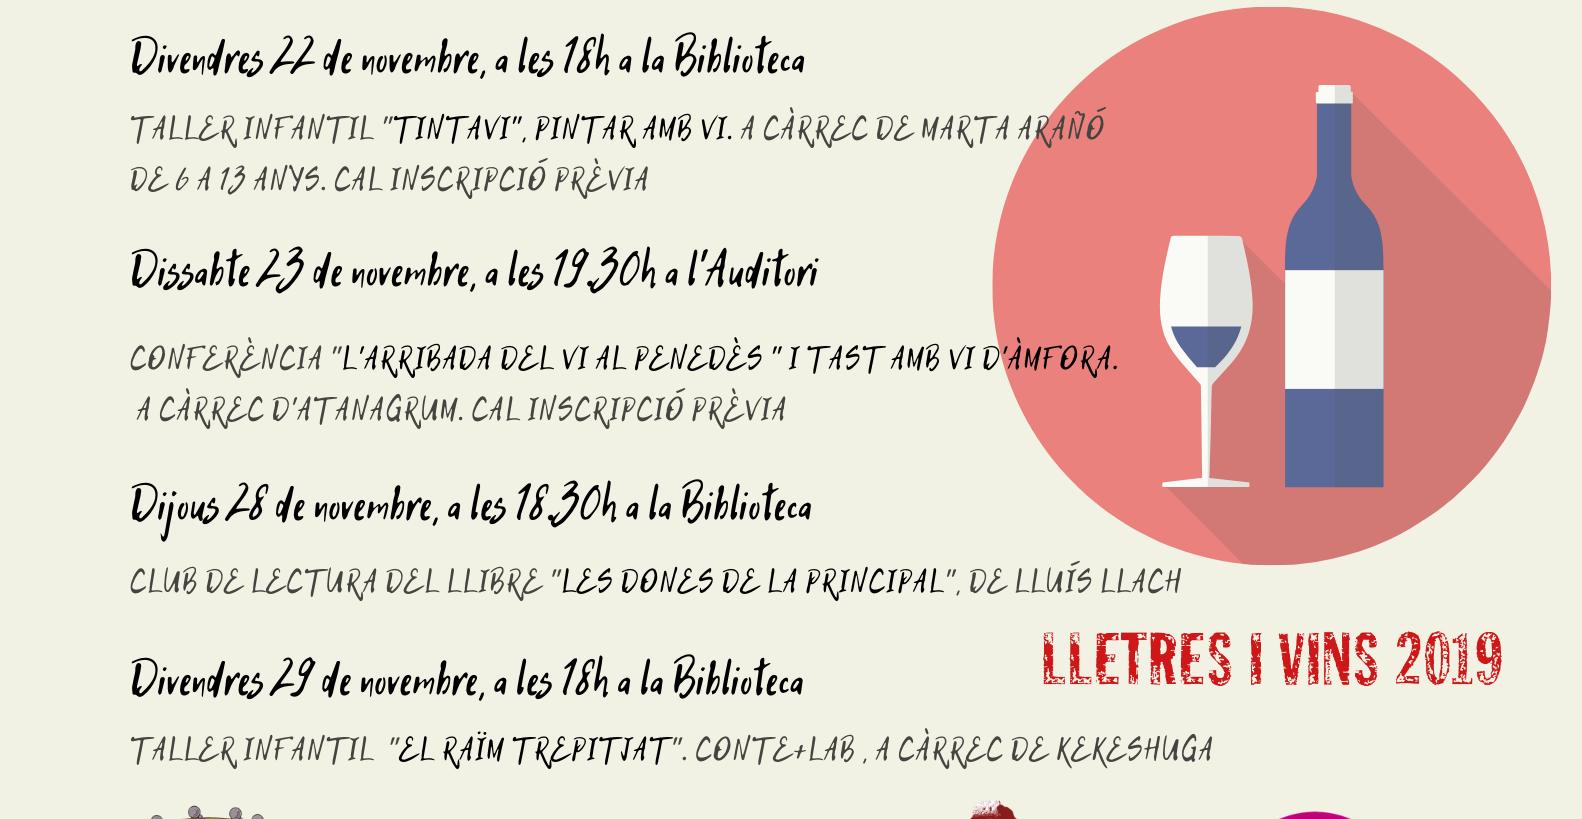 La Biblioteca de la Bisbal oferirà 7 activitats relacionades amb el món del vi aquest novembre